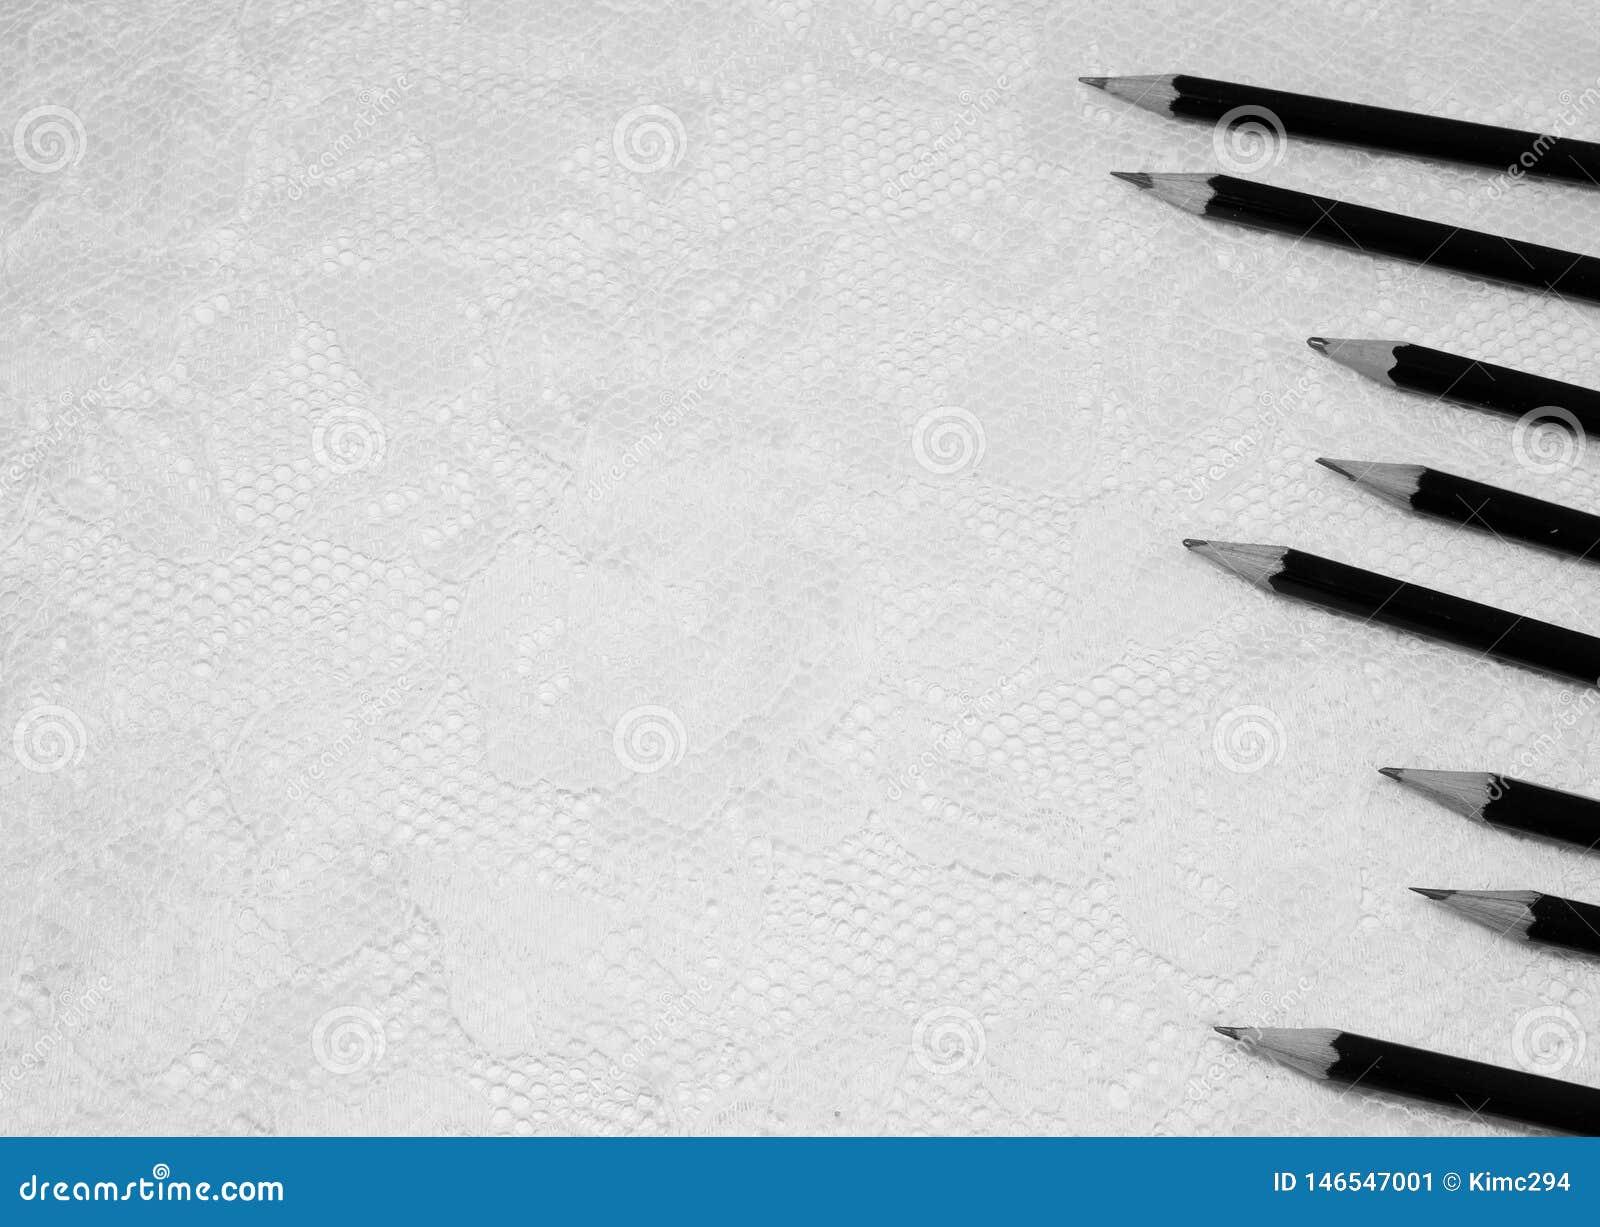 Varias demostraciones de los lápices que bosquejan en diversos lenghts a la derecha de la imagen